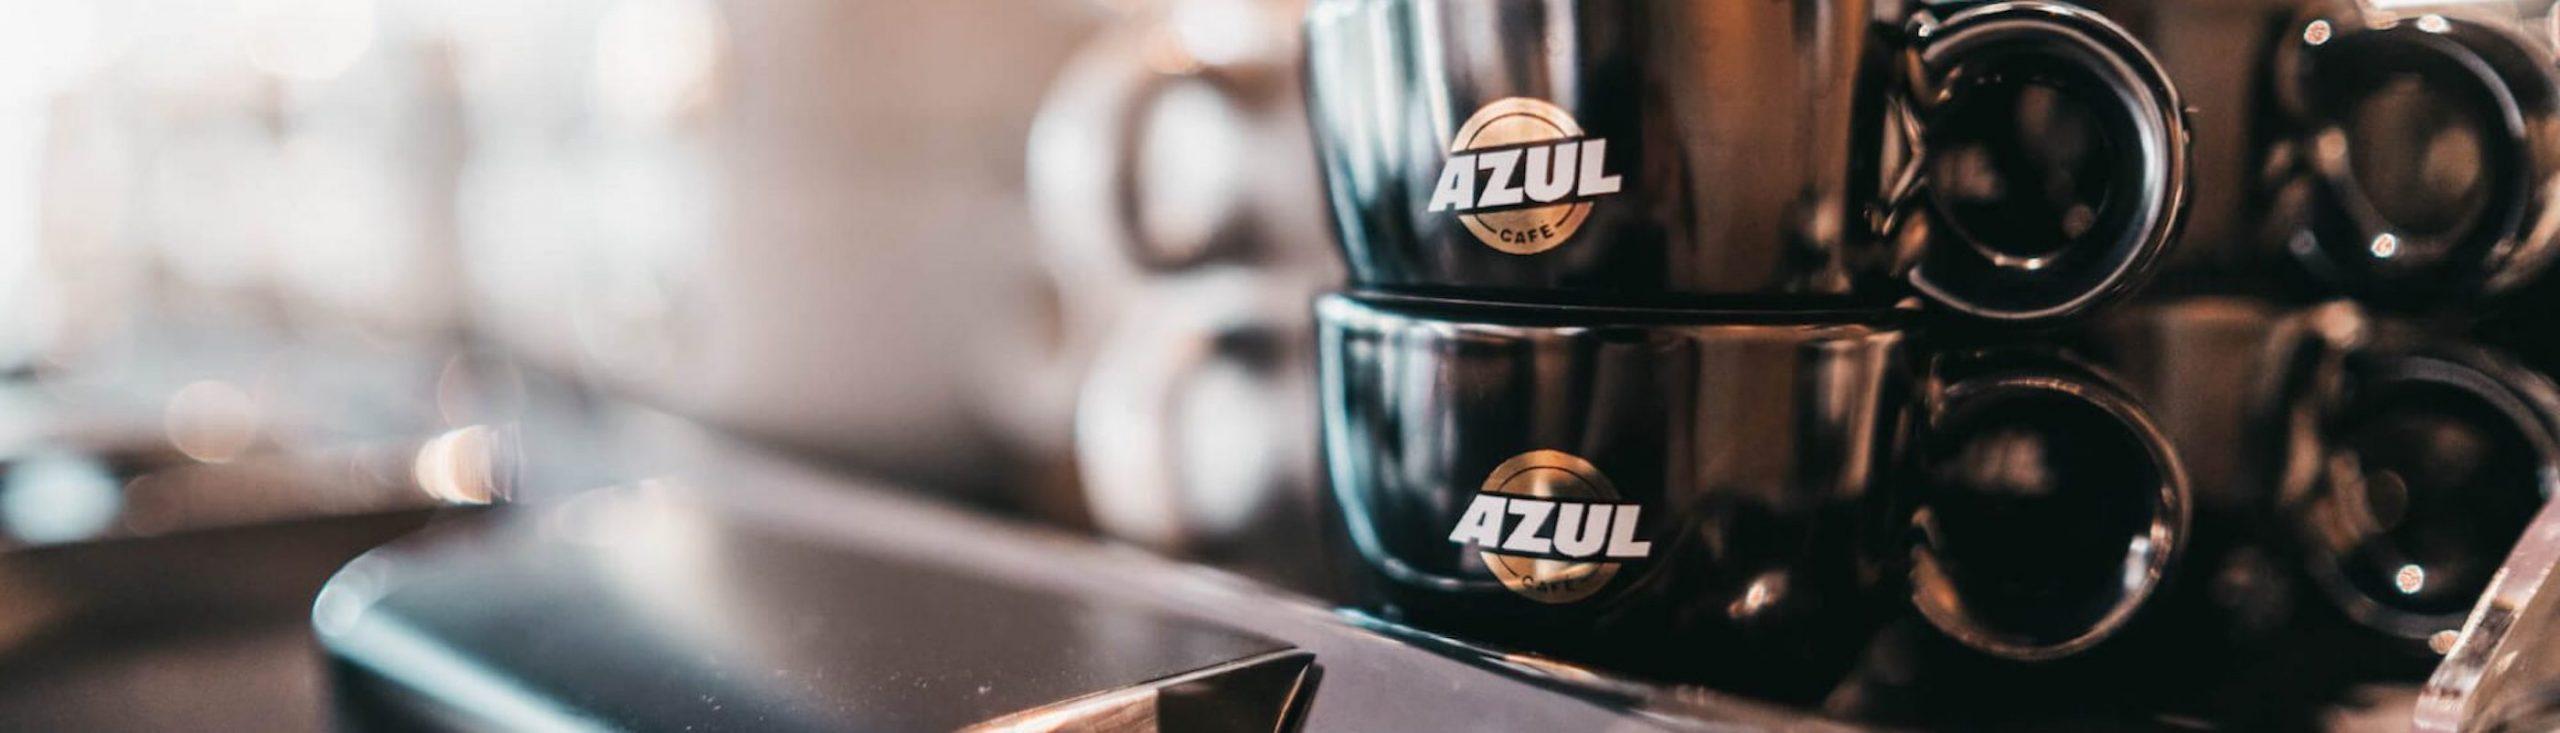 Azul Kaffee – Kaffeesortiment